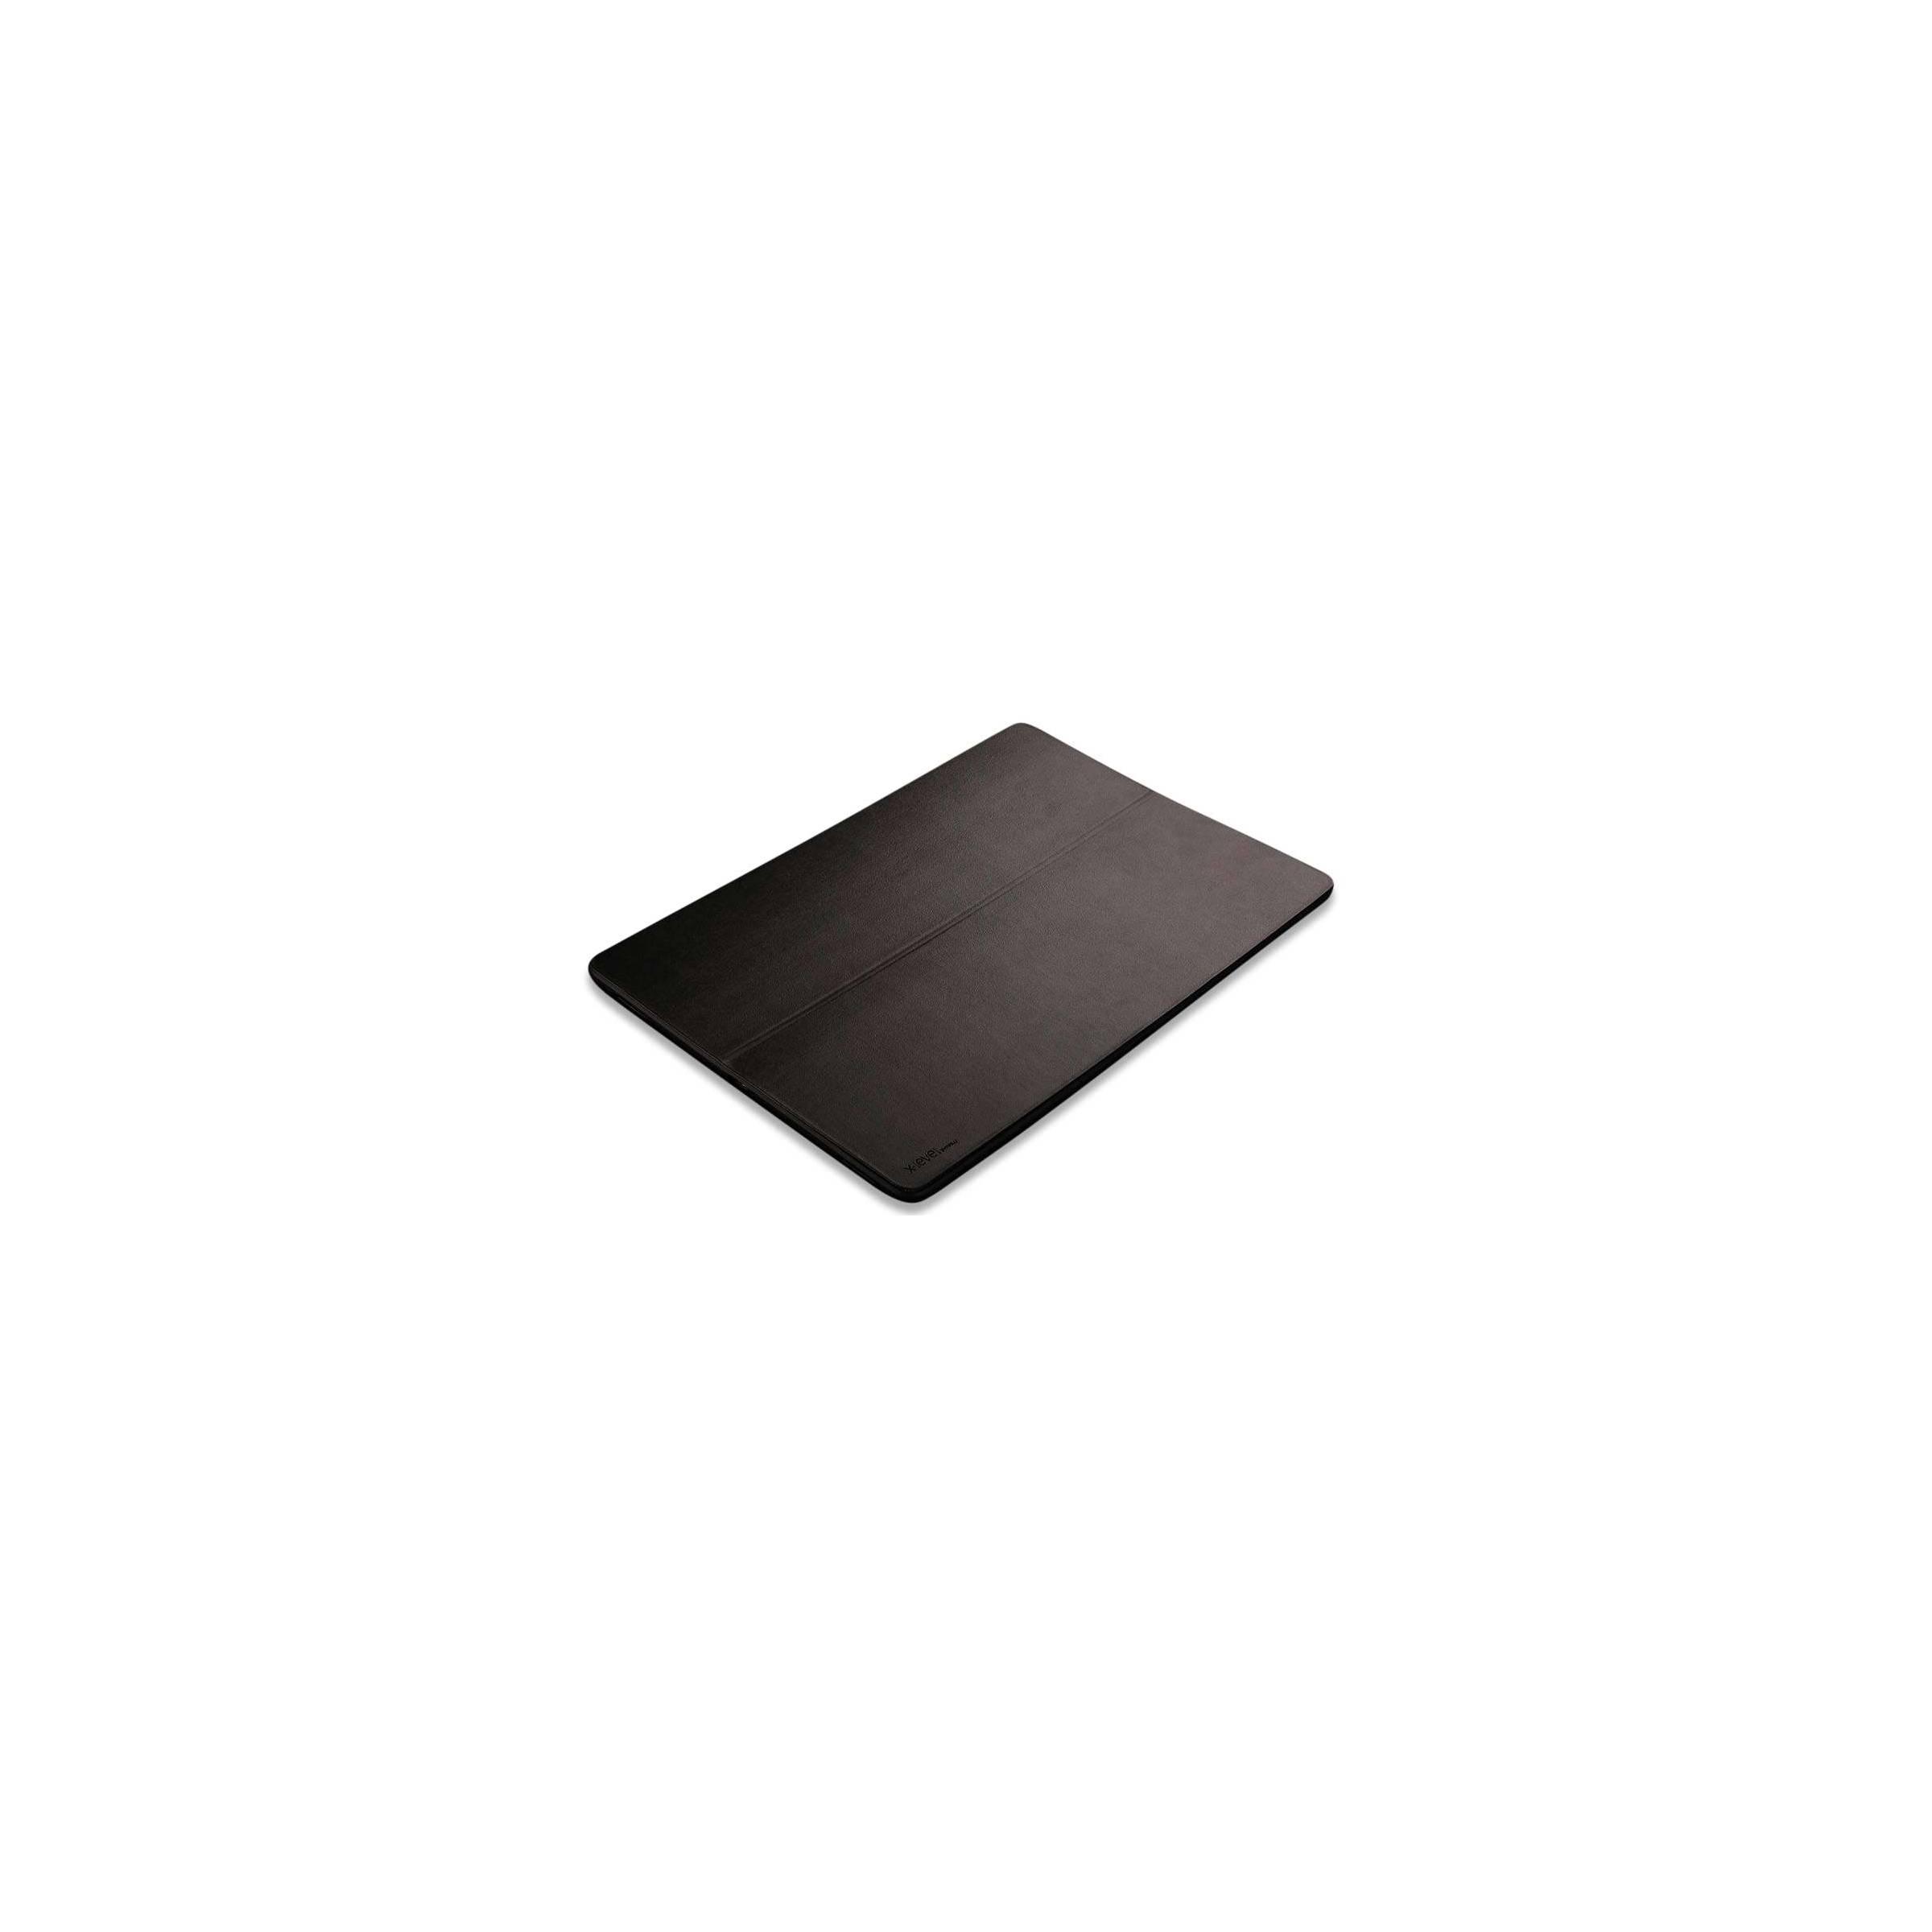 xlevel Xlevel fib ipad cover ipad air 3 (2019) fra mackabler.dk